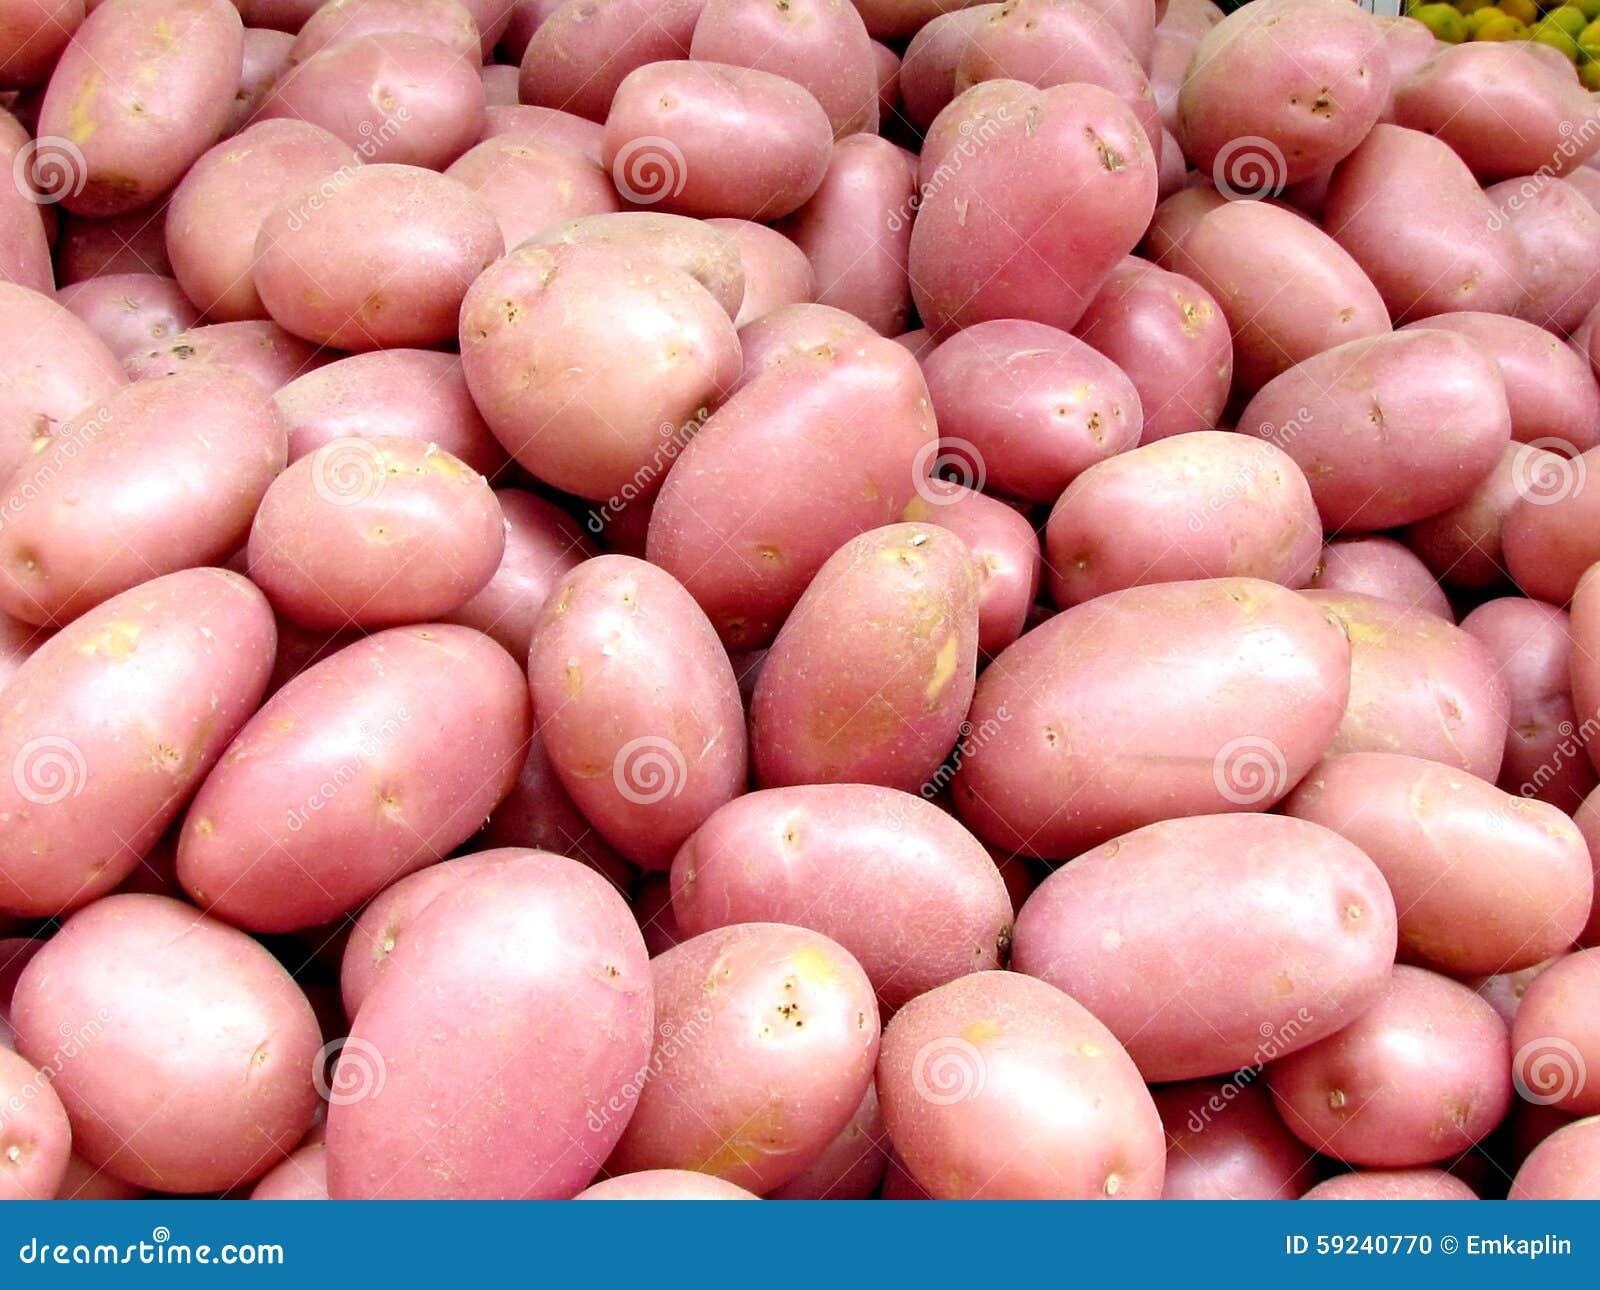 Teléfono Aviv Red Potatoes 2012